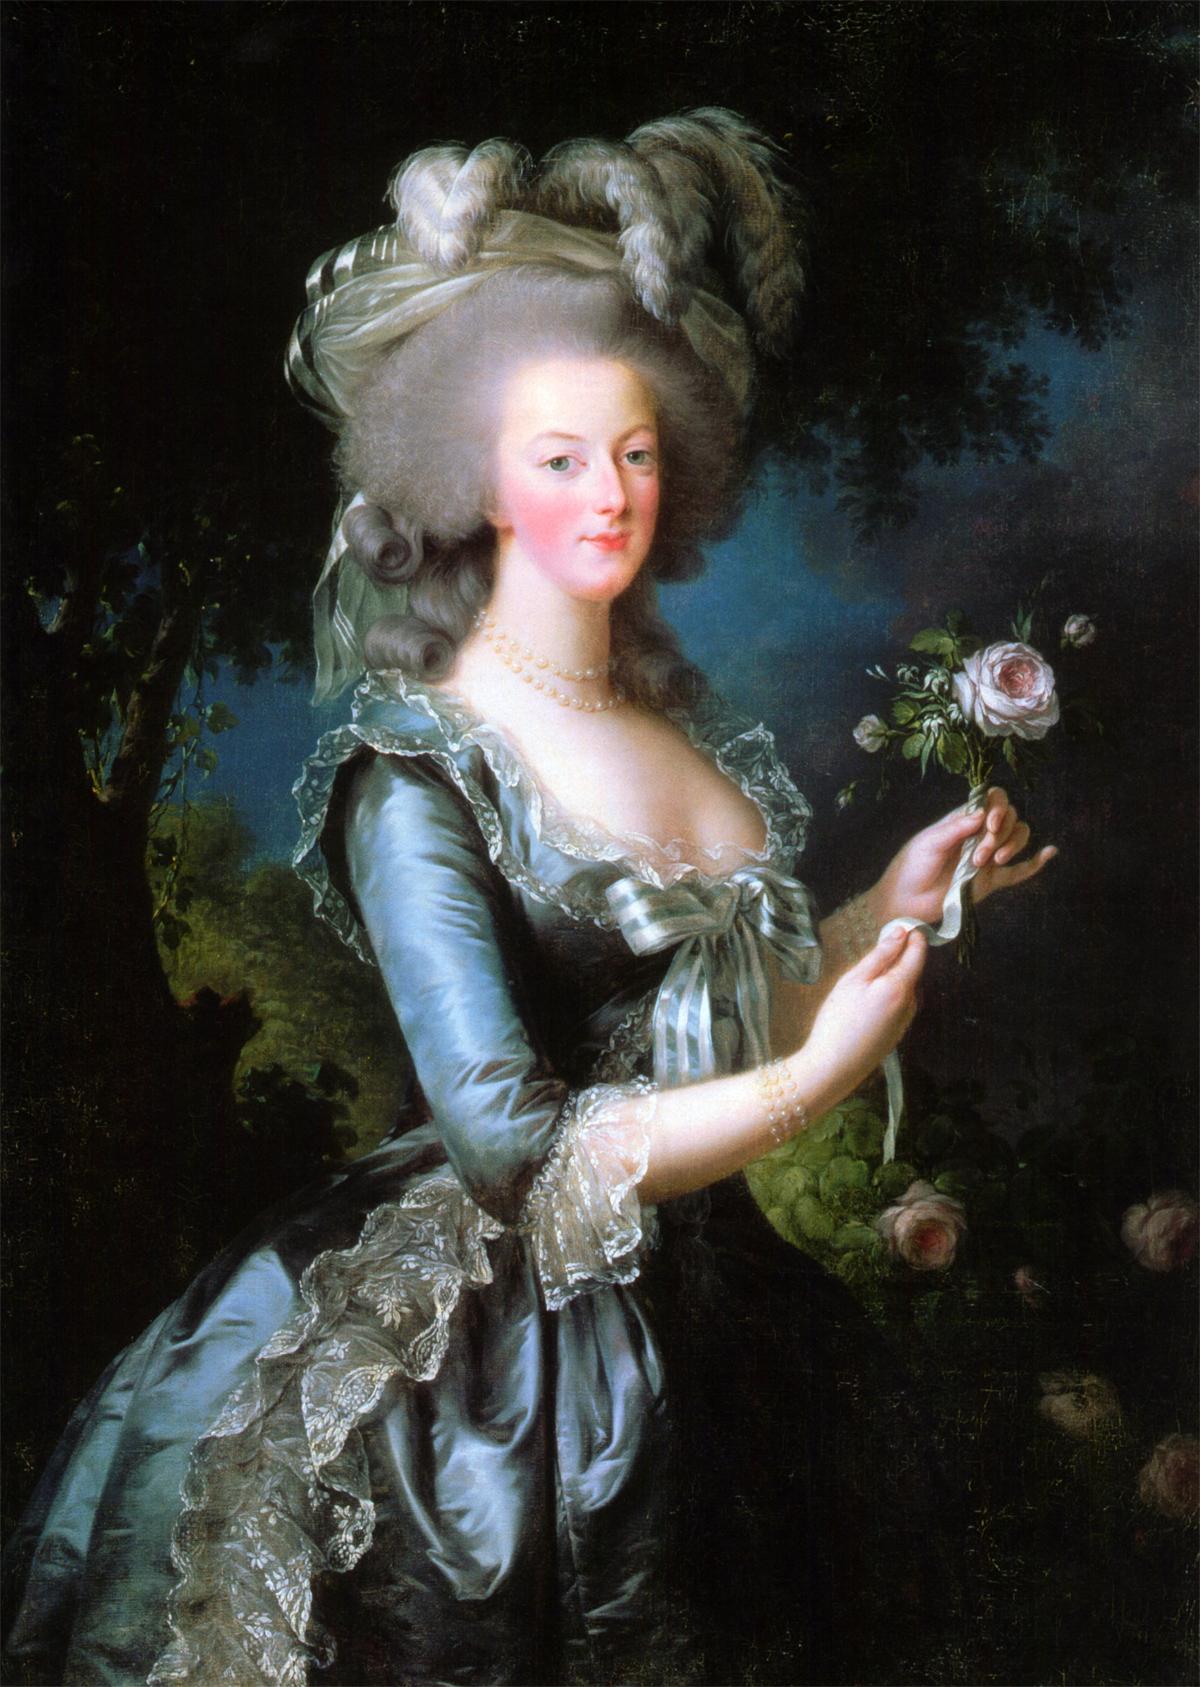 Marie_Antoinette_thumb.jpg